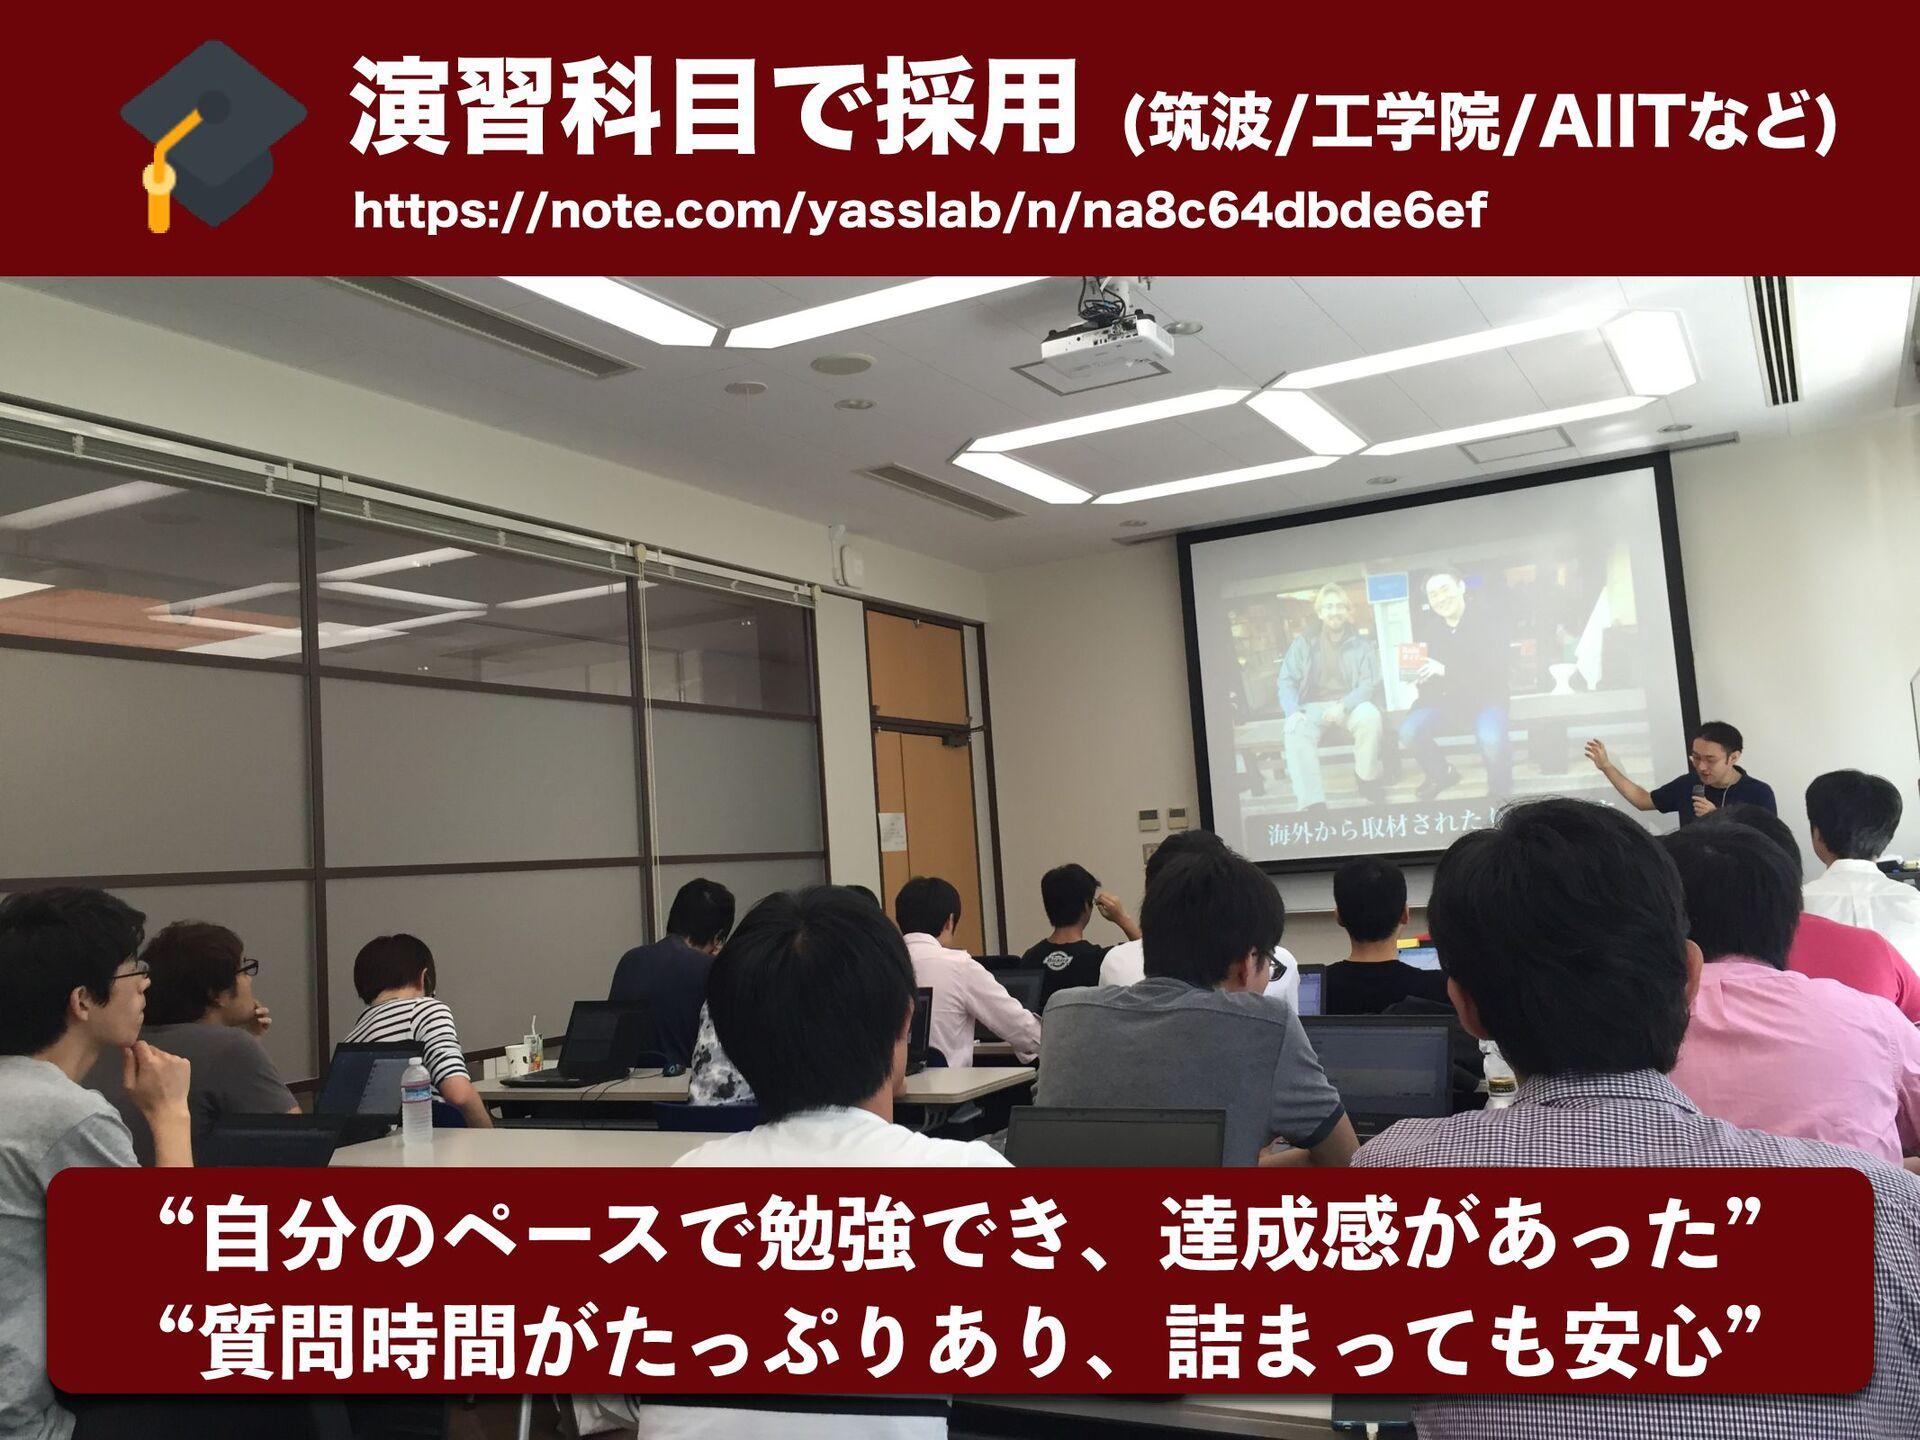 google.co.jp Ͱ 'Rails' ͱ ݕࡧ͢Δͱ1ϖʔδʹදࣔ